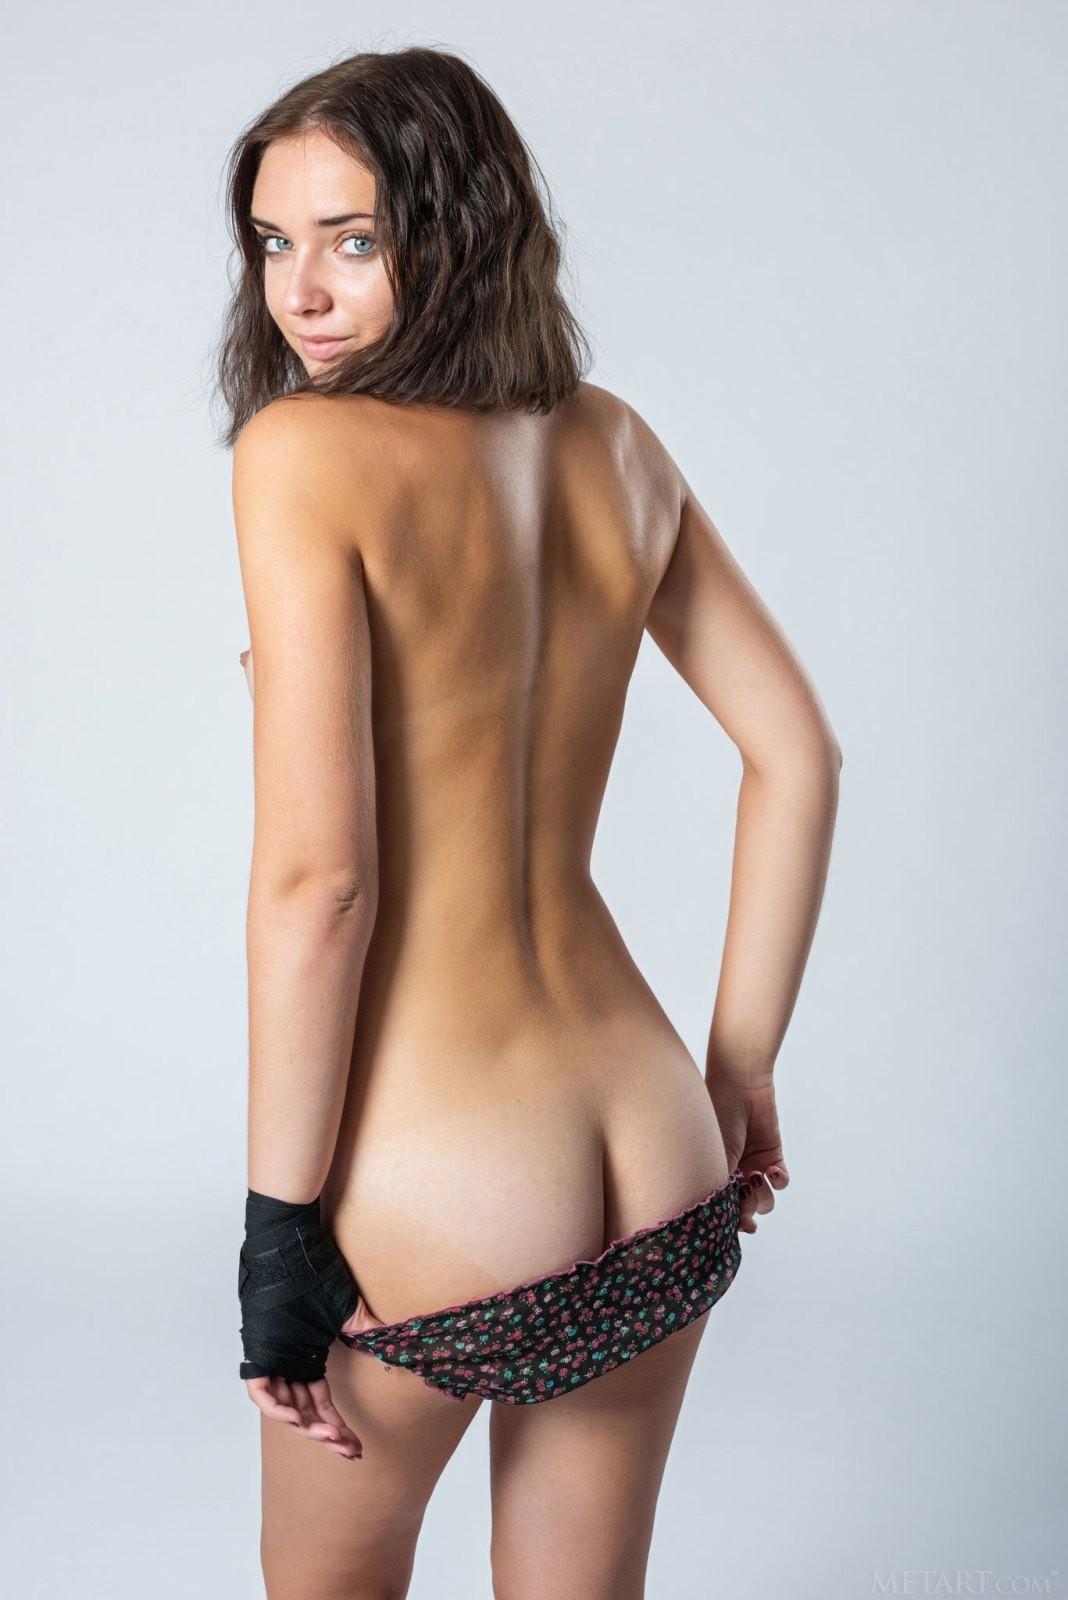 Стройная модель с красивой грудью - фото